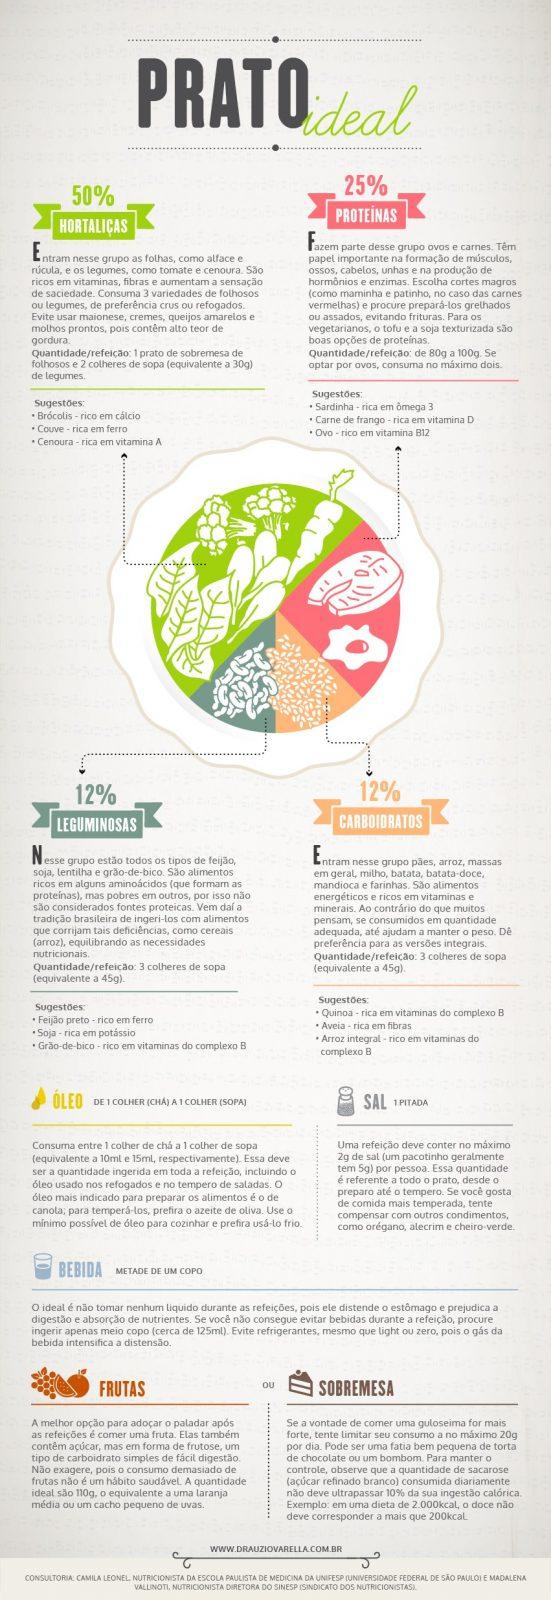 infografico2_pratoIdeal5_final